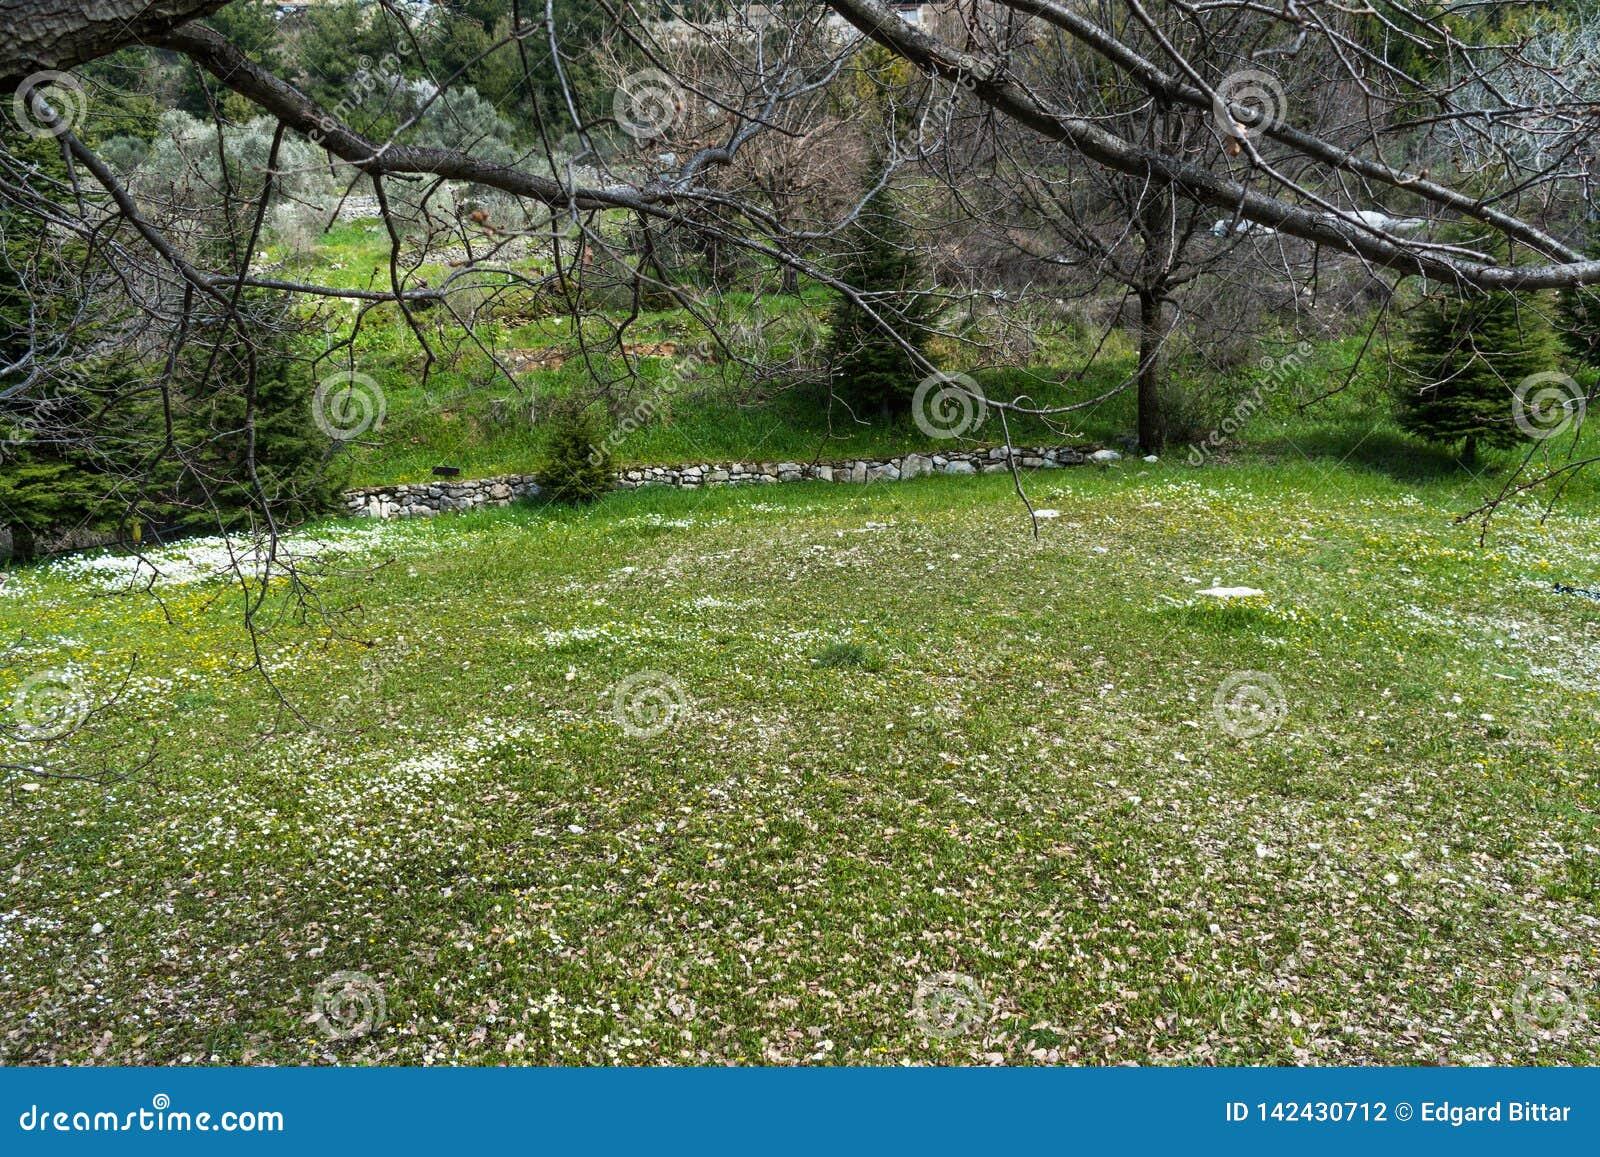 Schöne Gefangennahme eines natürlichen Gartens